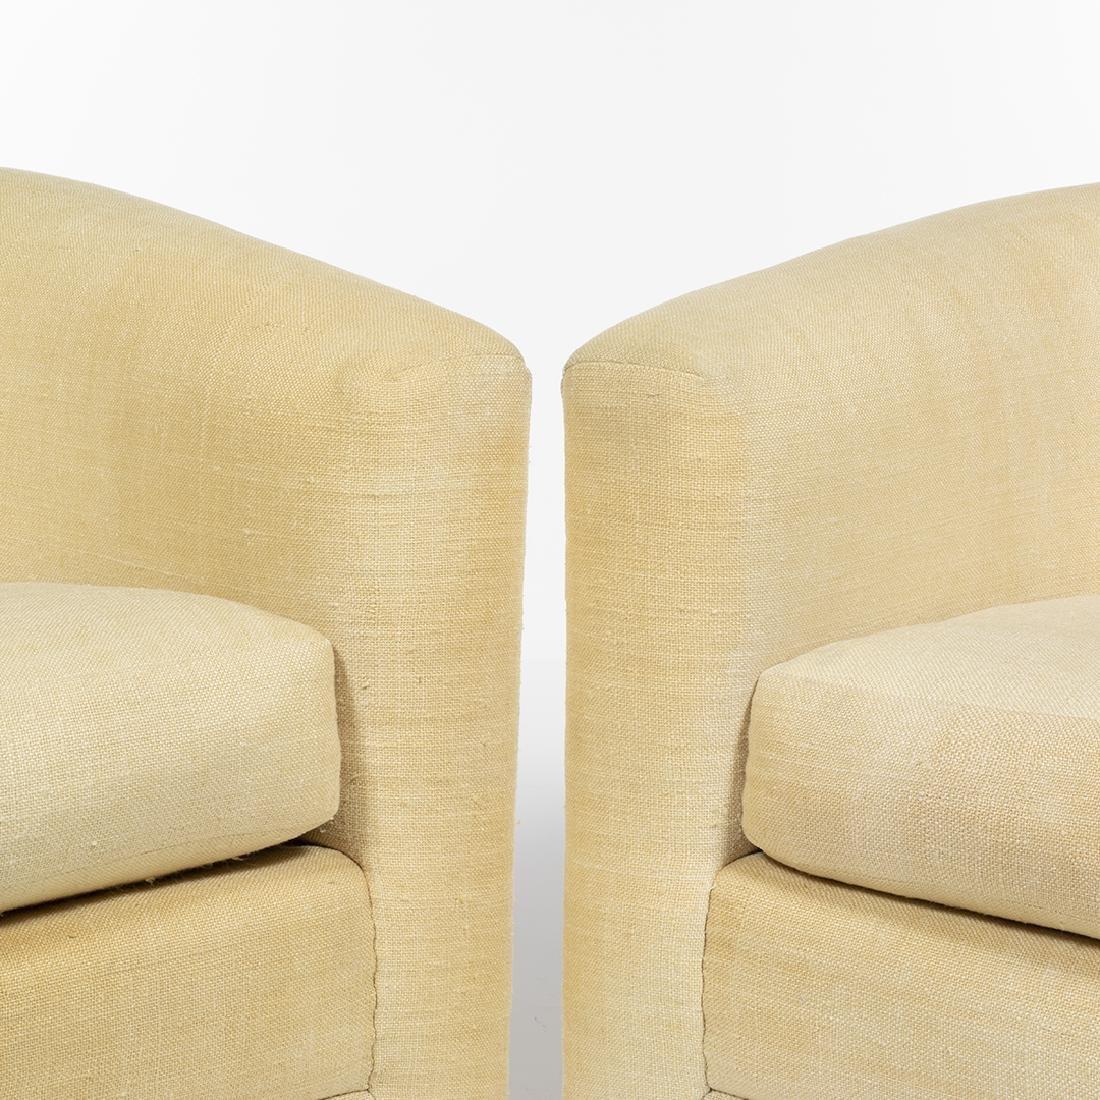 Martin Brattrud Club Chairs (2) - 6